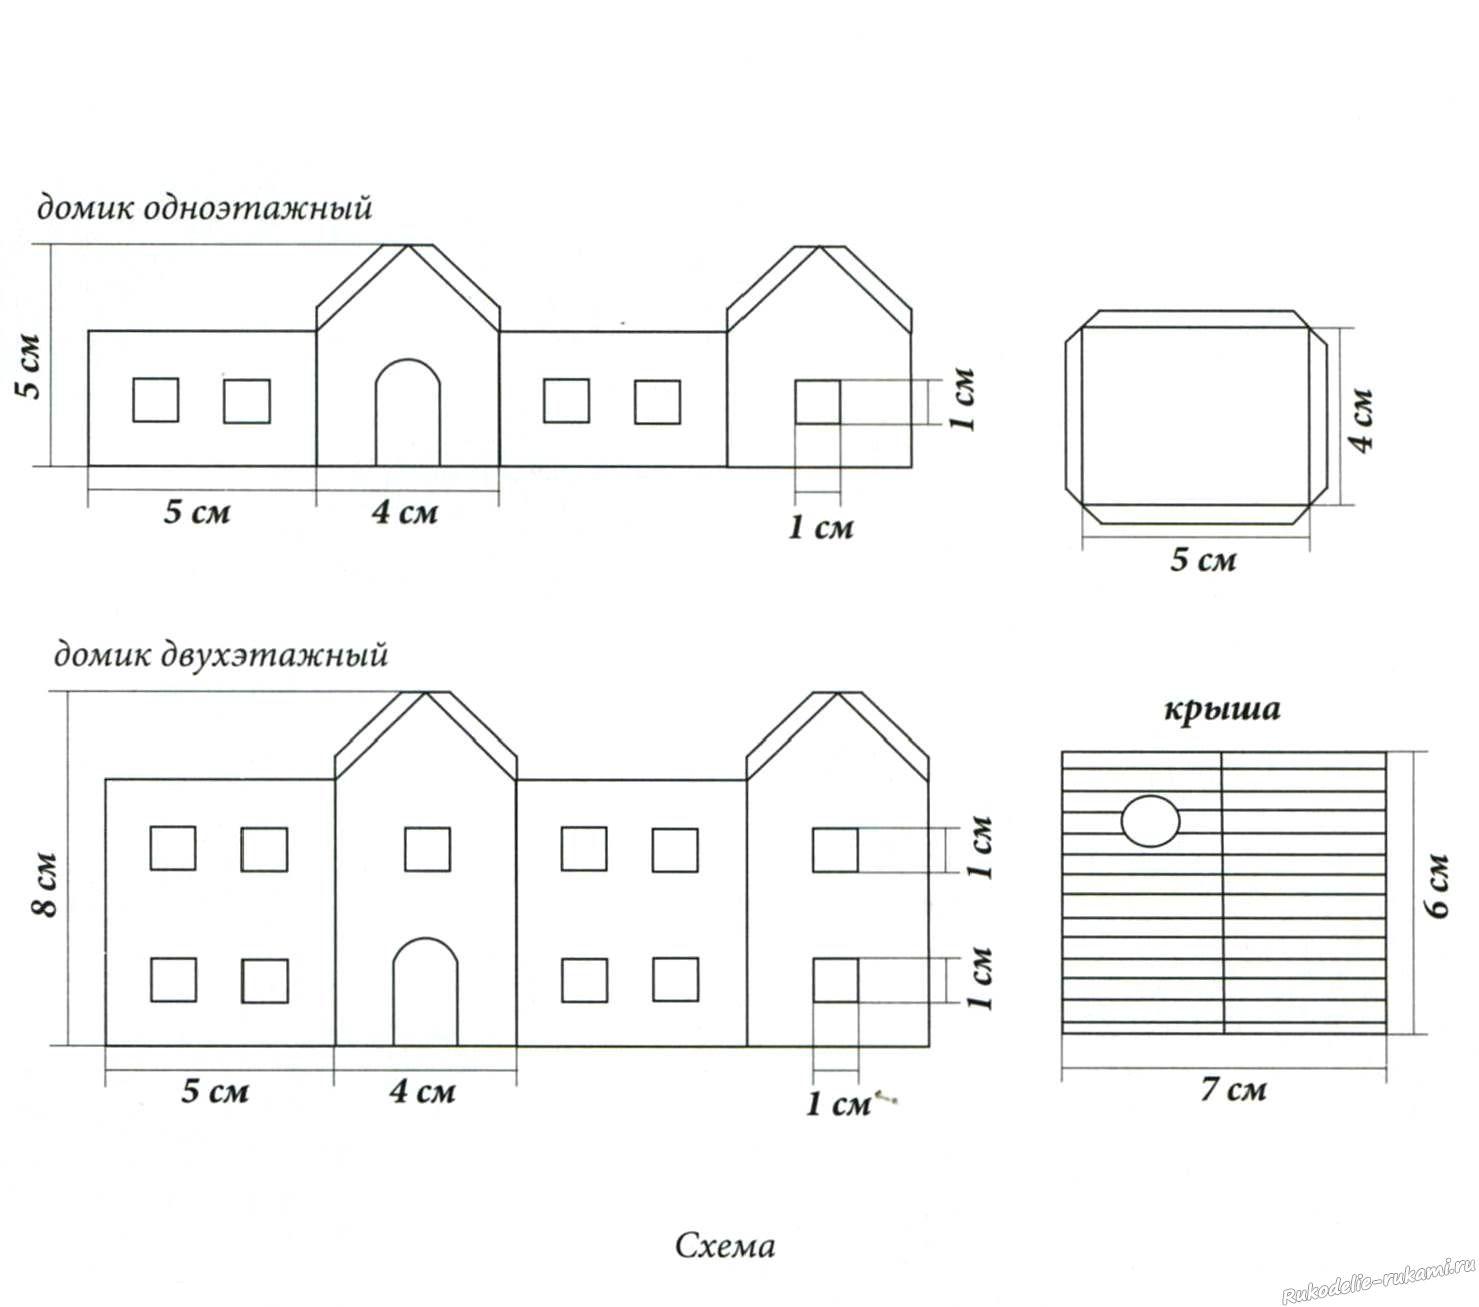 Как сделать домик из картона своими руками фото